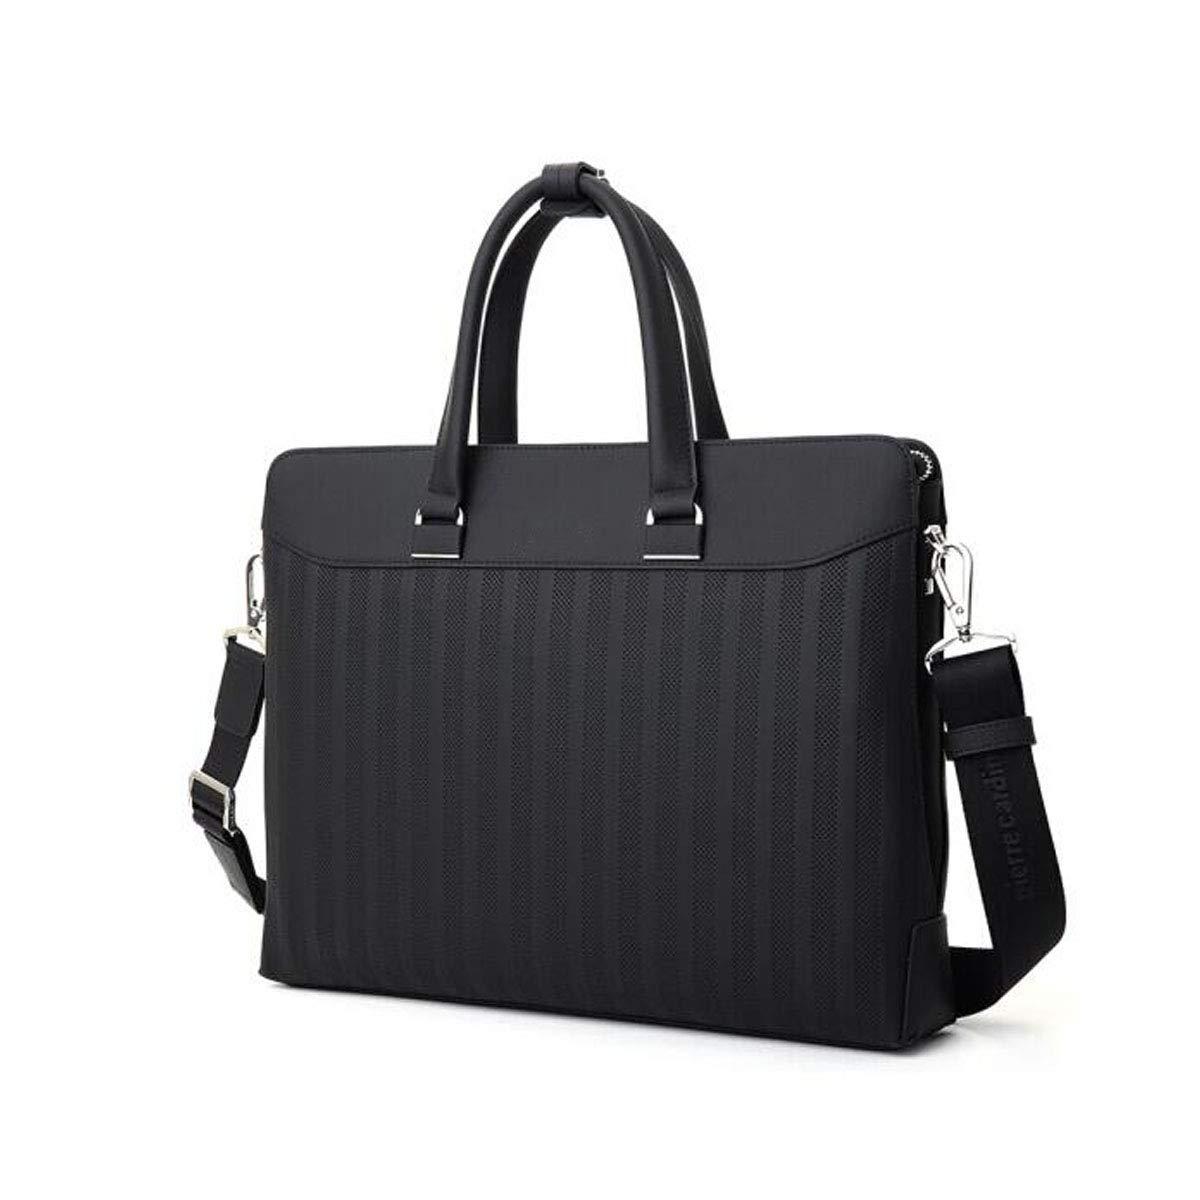 ブリーフケース、ビジネスメンズハンドバッグ、スエードレザーショルダーメッセンジャーバッグ、大容量コンピューターバッグ、ブラックサイズ:39 * 6.5 * 30 cm  ブラック B07R582FLJ